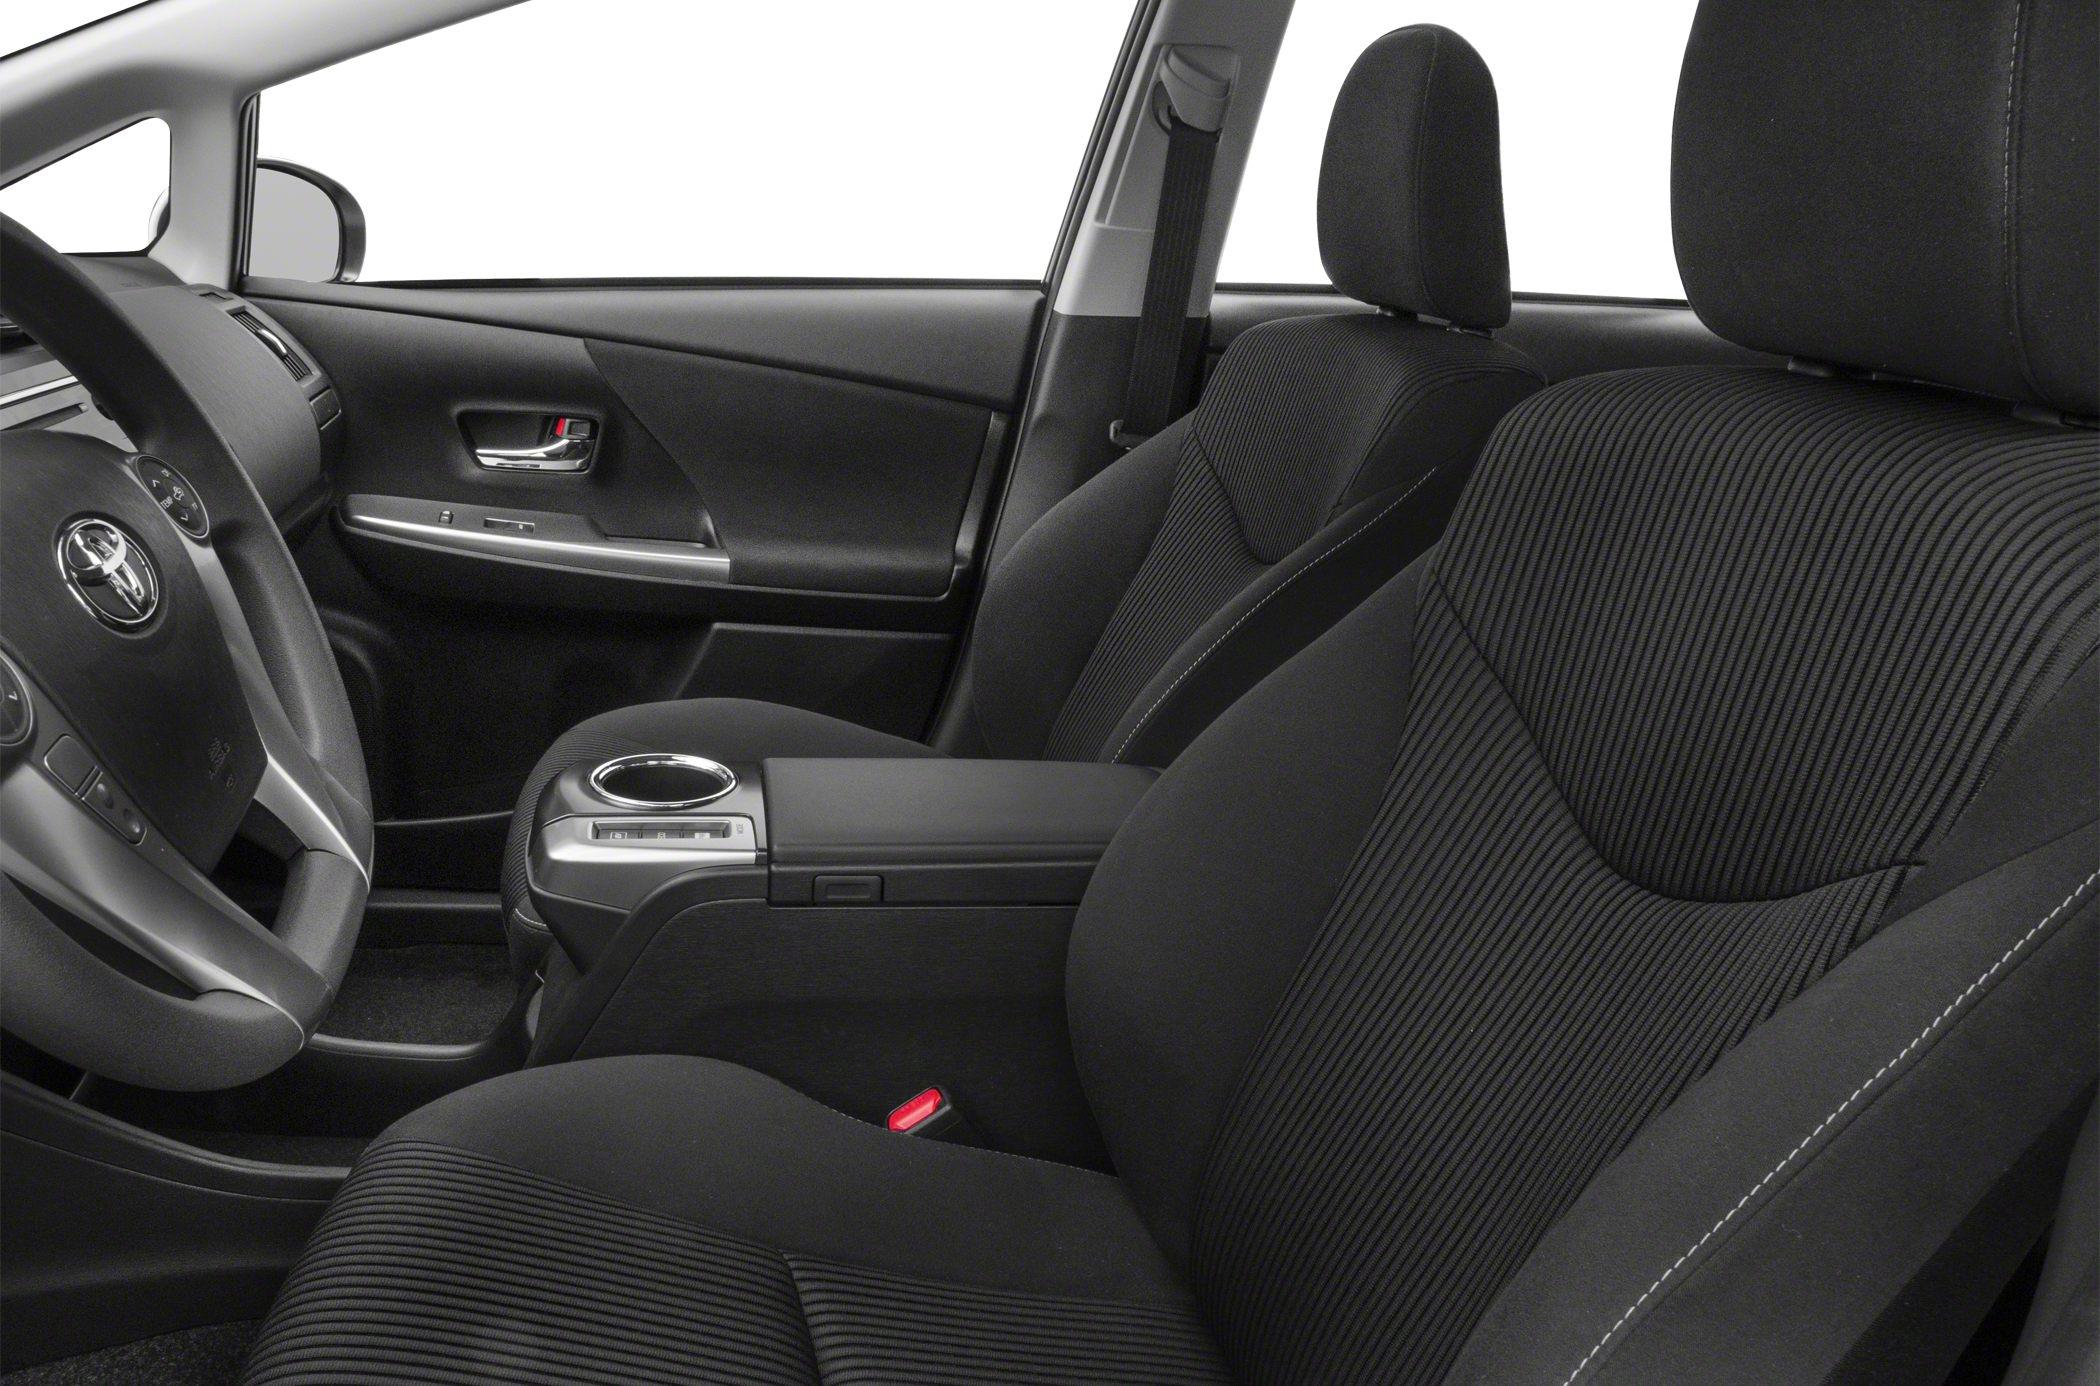 new 2015 toyota prius v price, photos, reviews, safety ratings  toyota prius invoice price